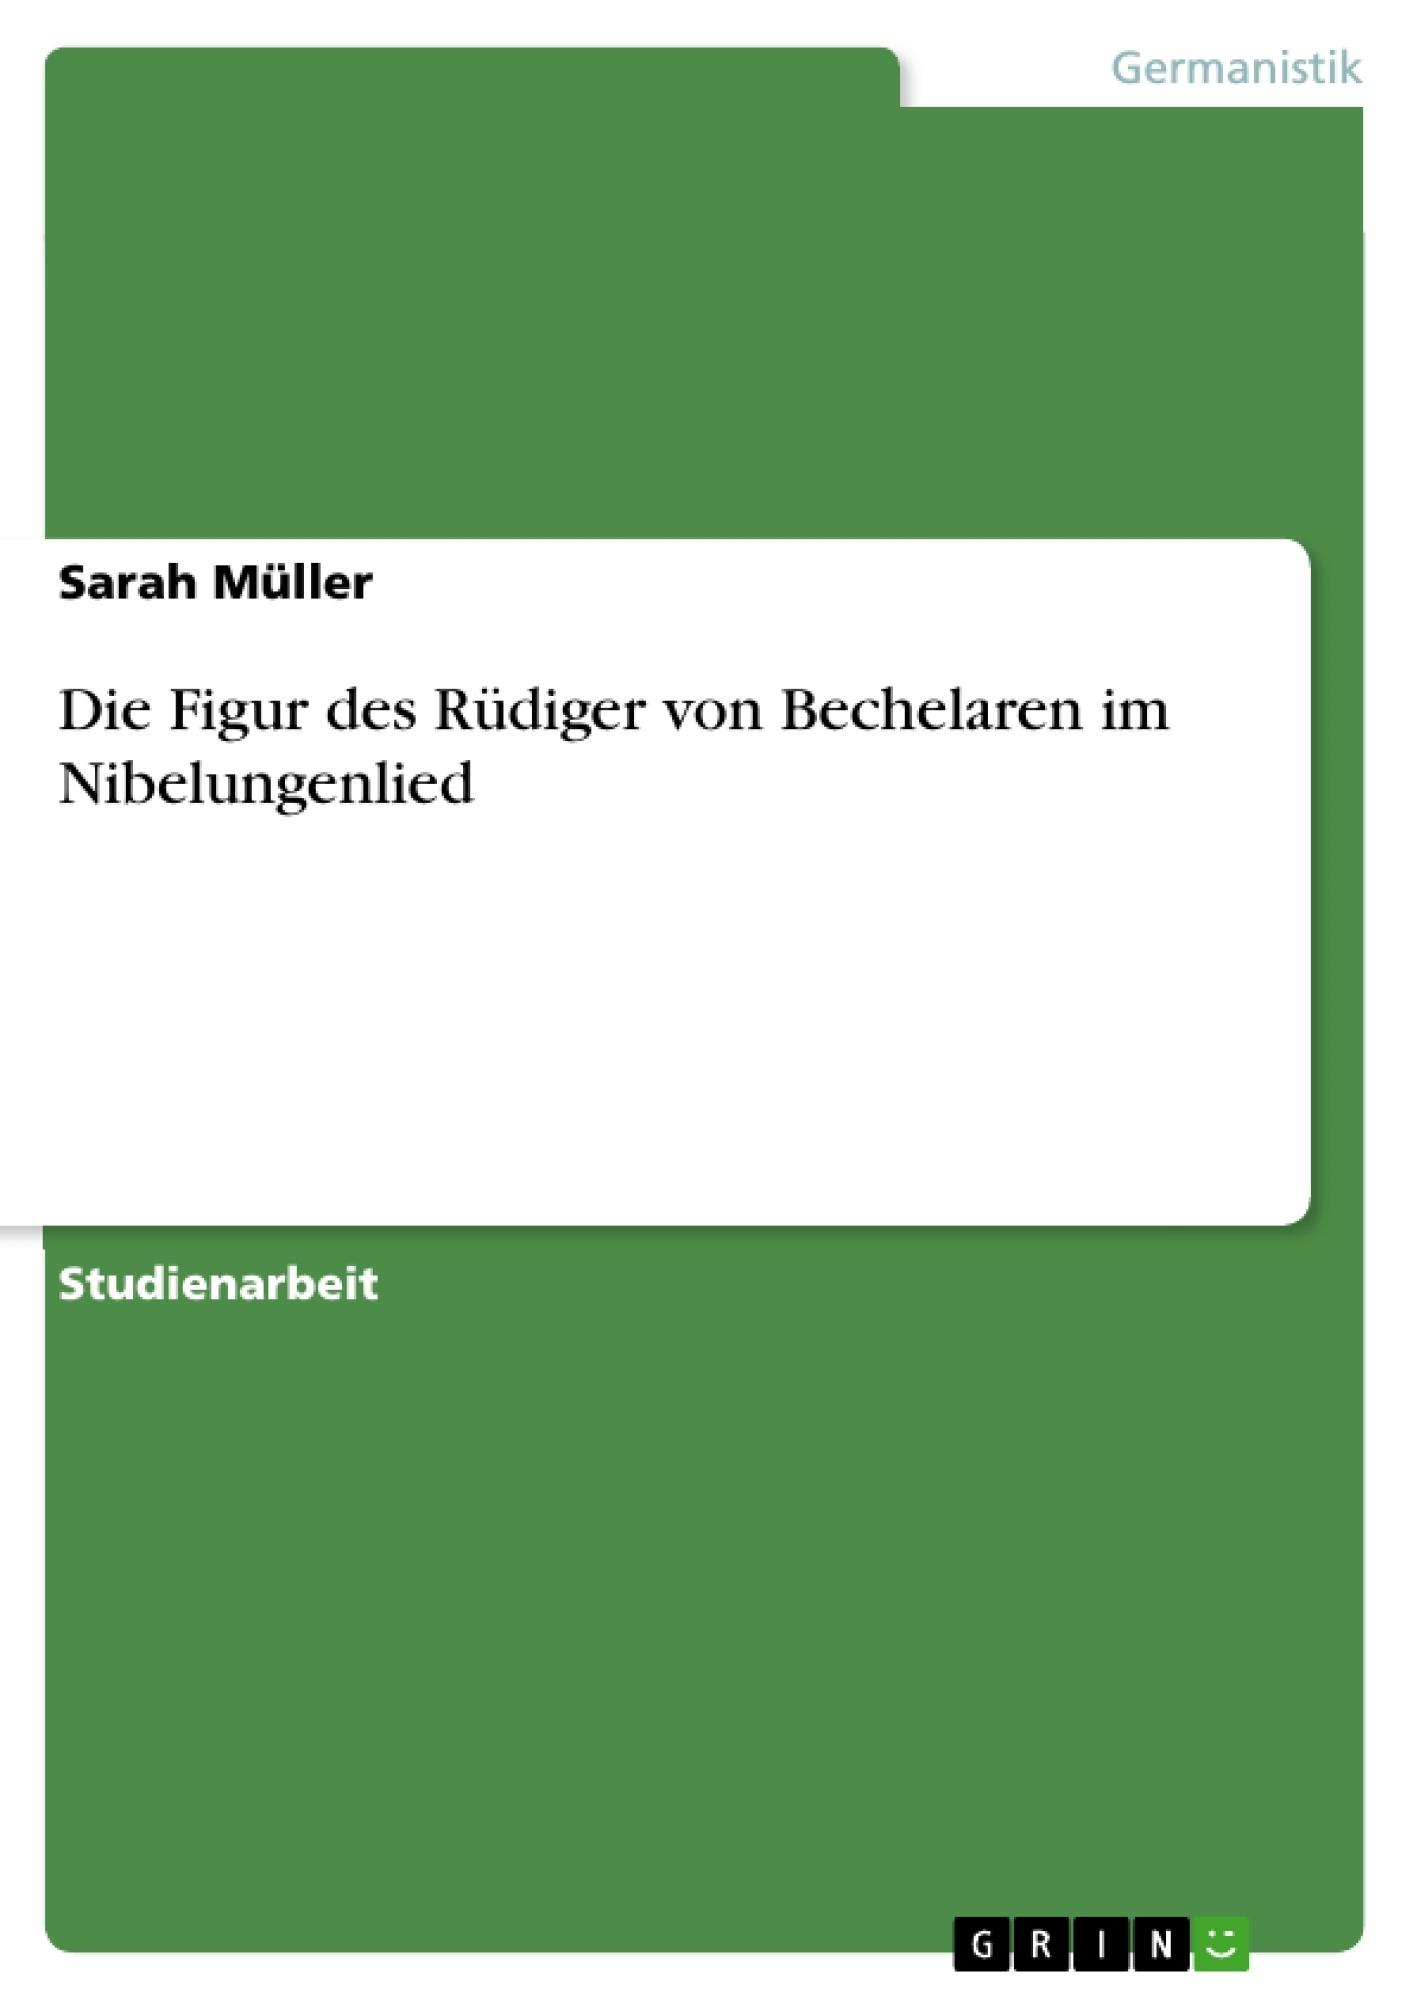 Titel: Die Figur des Rüdiger von Bechelaren im Nibelungenlied